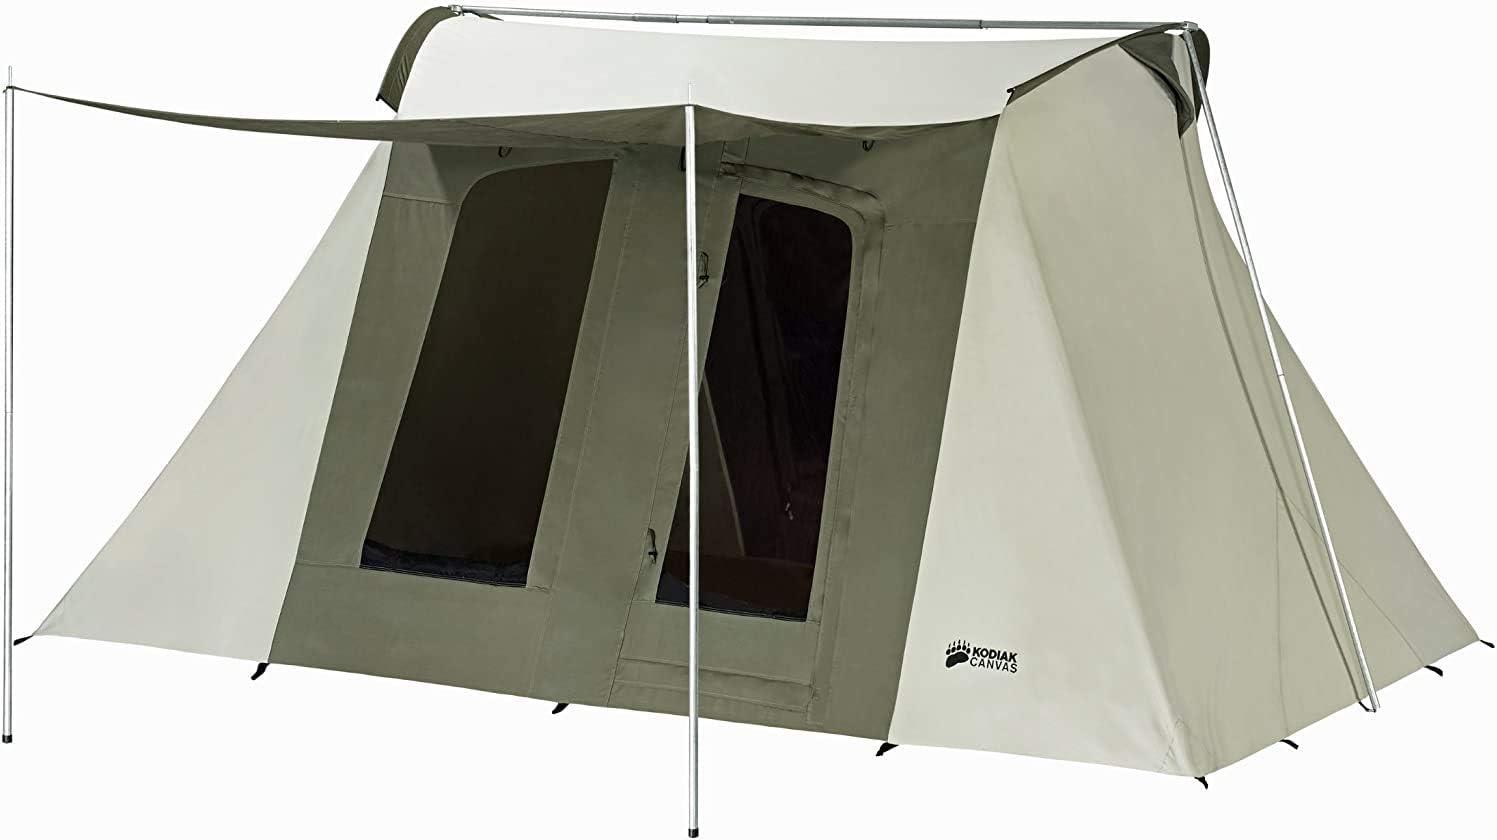 Kodiak Canvas Flex Bow Basic 6 Person Tent